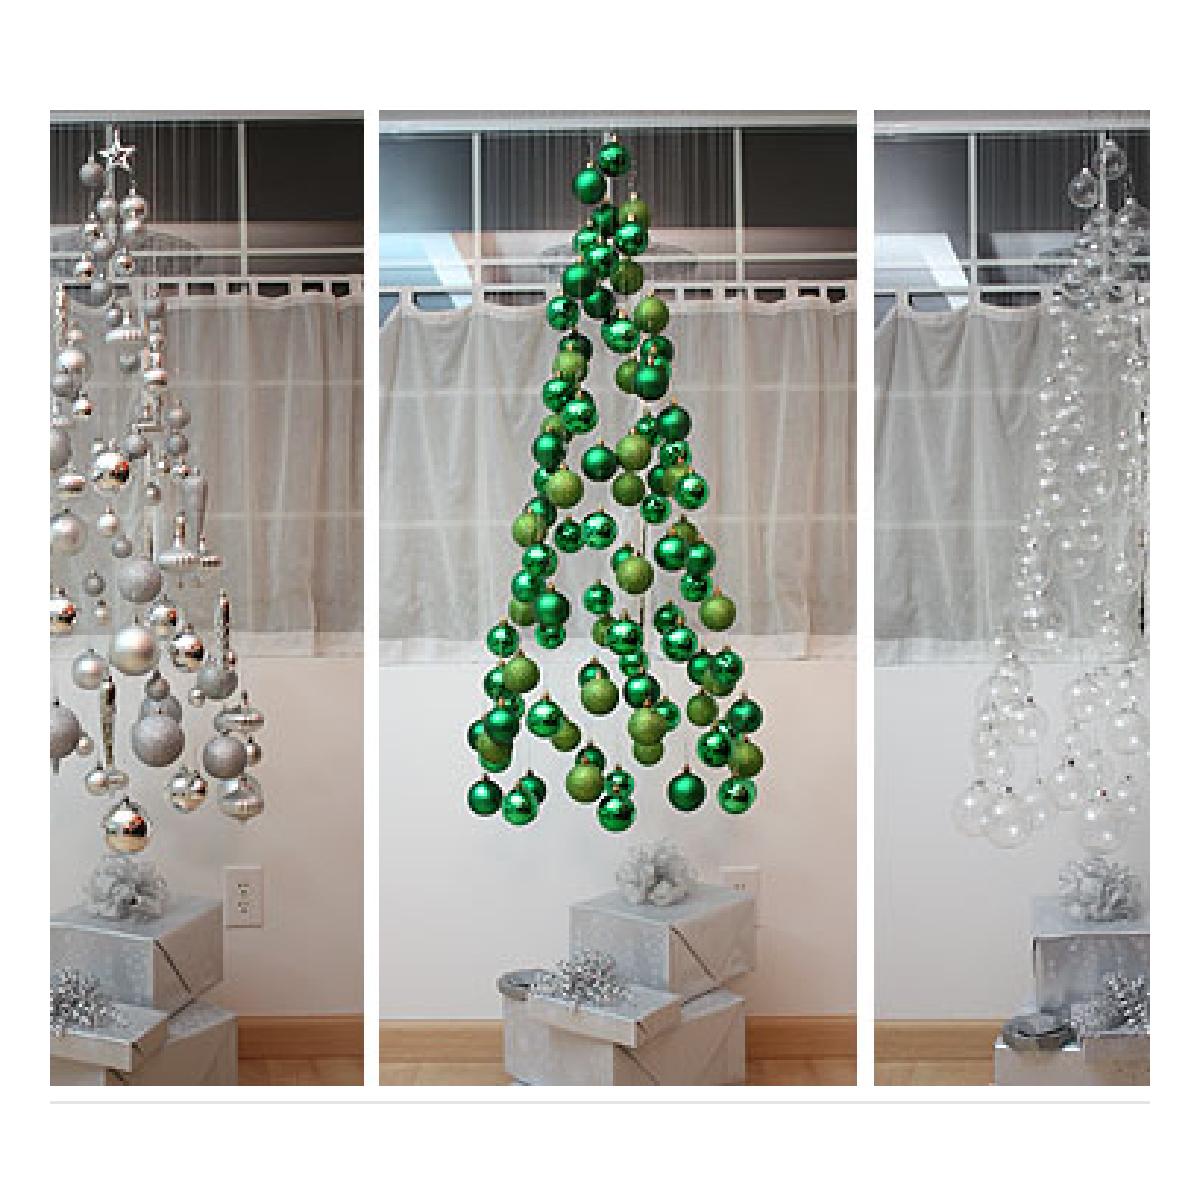 Cadeaux 2 ouf id es de cadeaux insolites et originaux - Decoration de noel originale ...